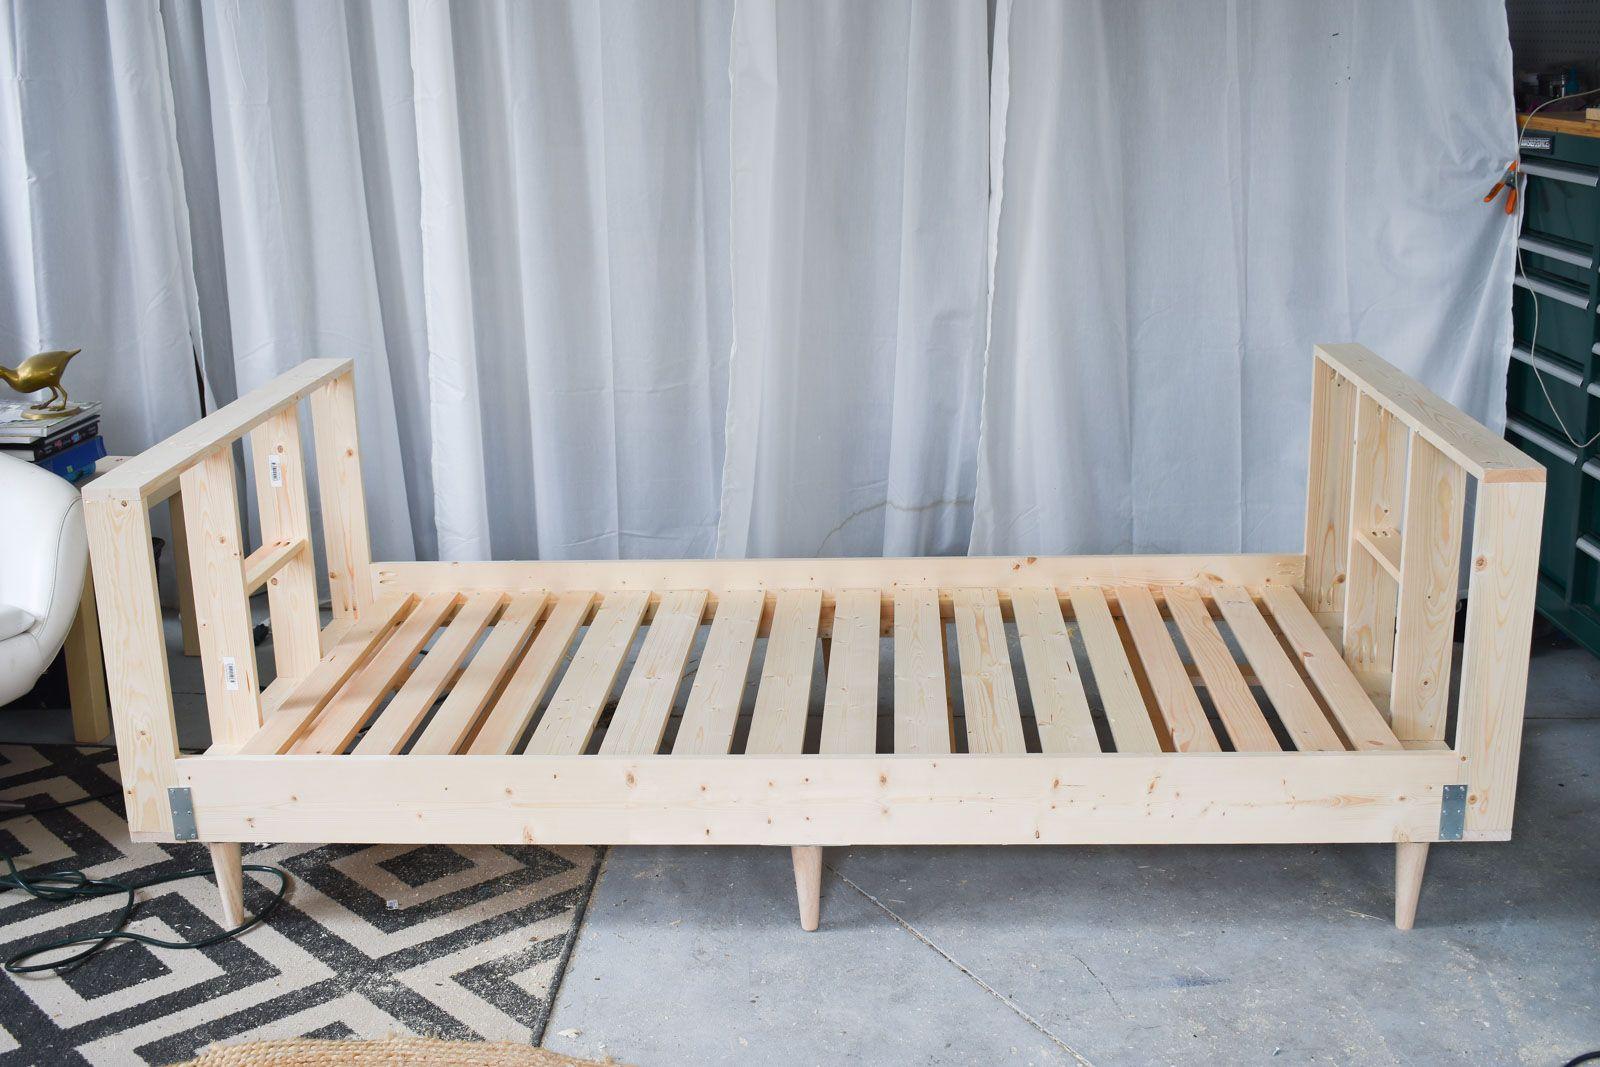 Diy upholstered daybed frame diy daybed upholstered